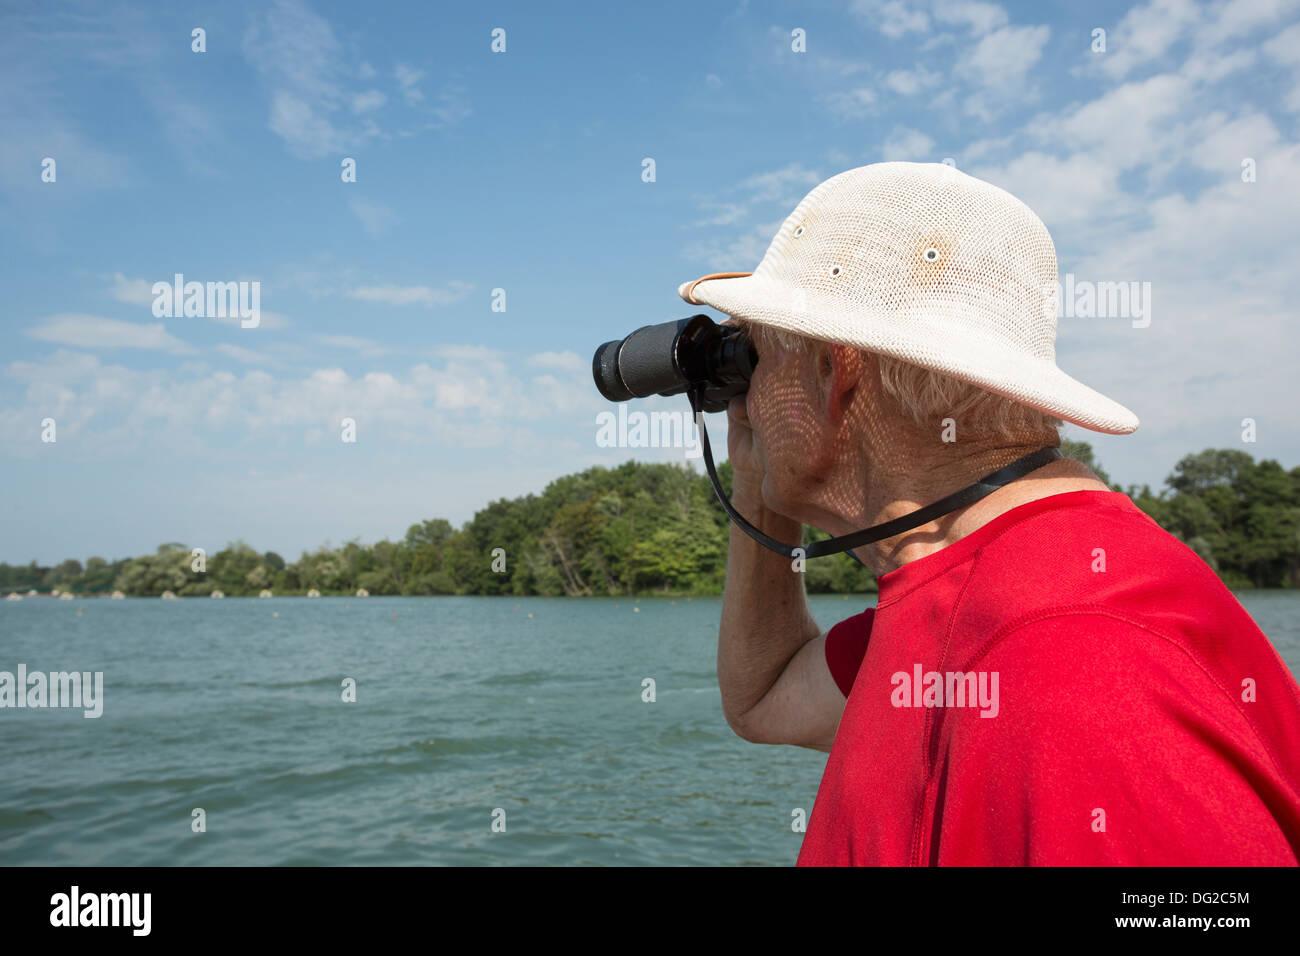 older gentleman looking through binoculars against the sky - Stock Image